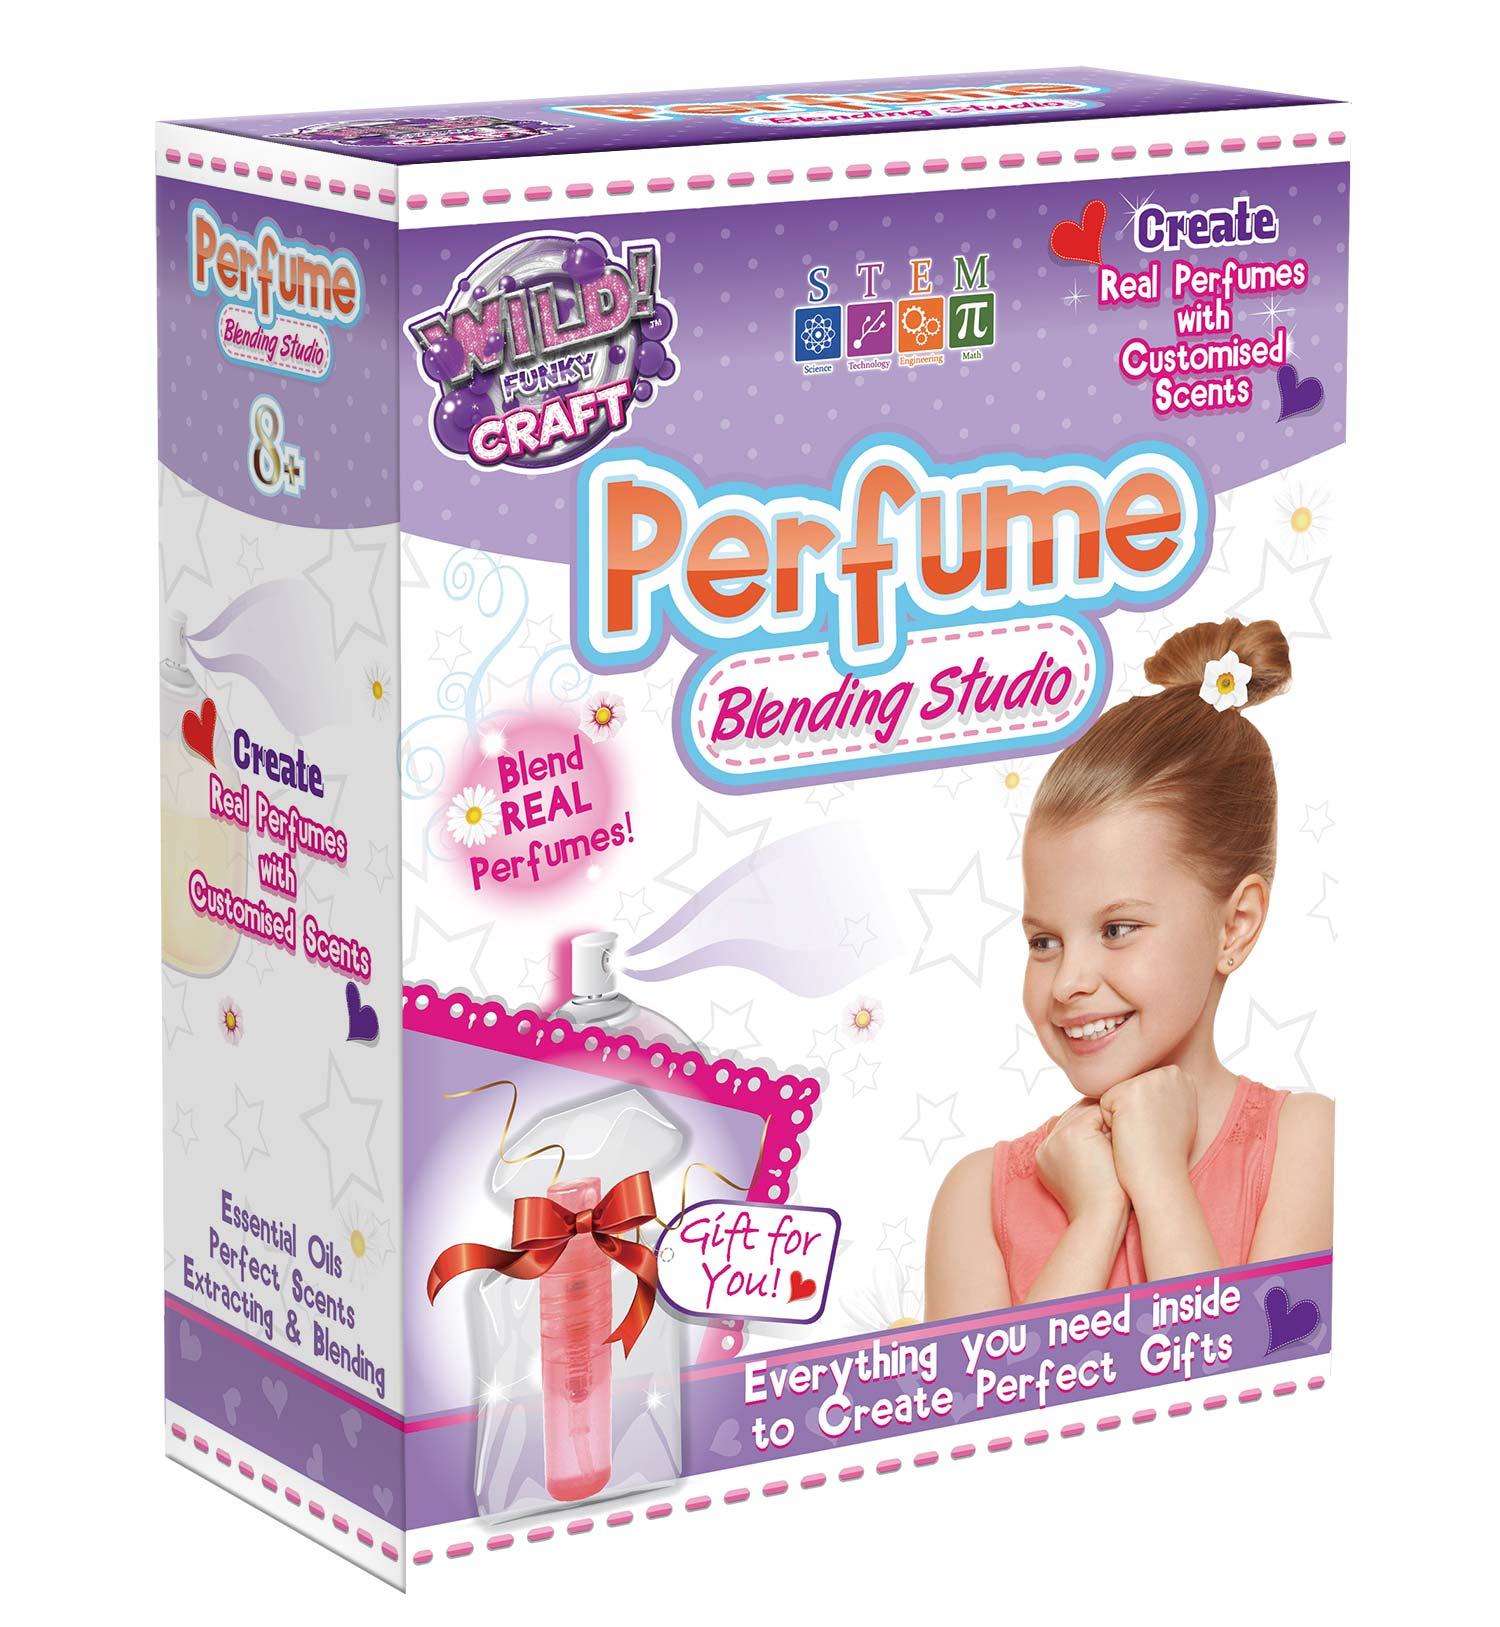 Perfume Blending Studio